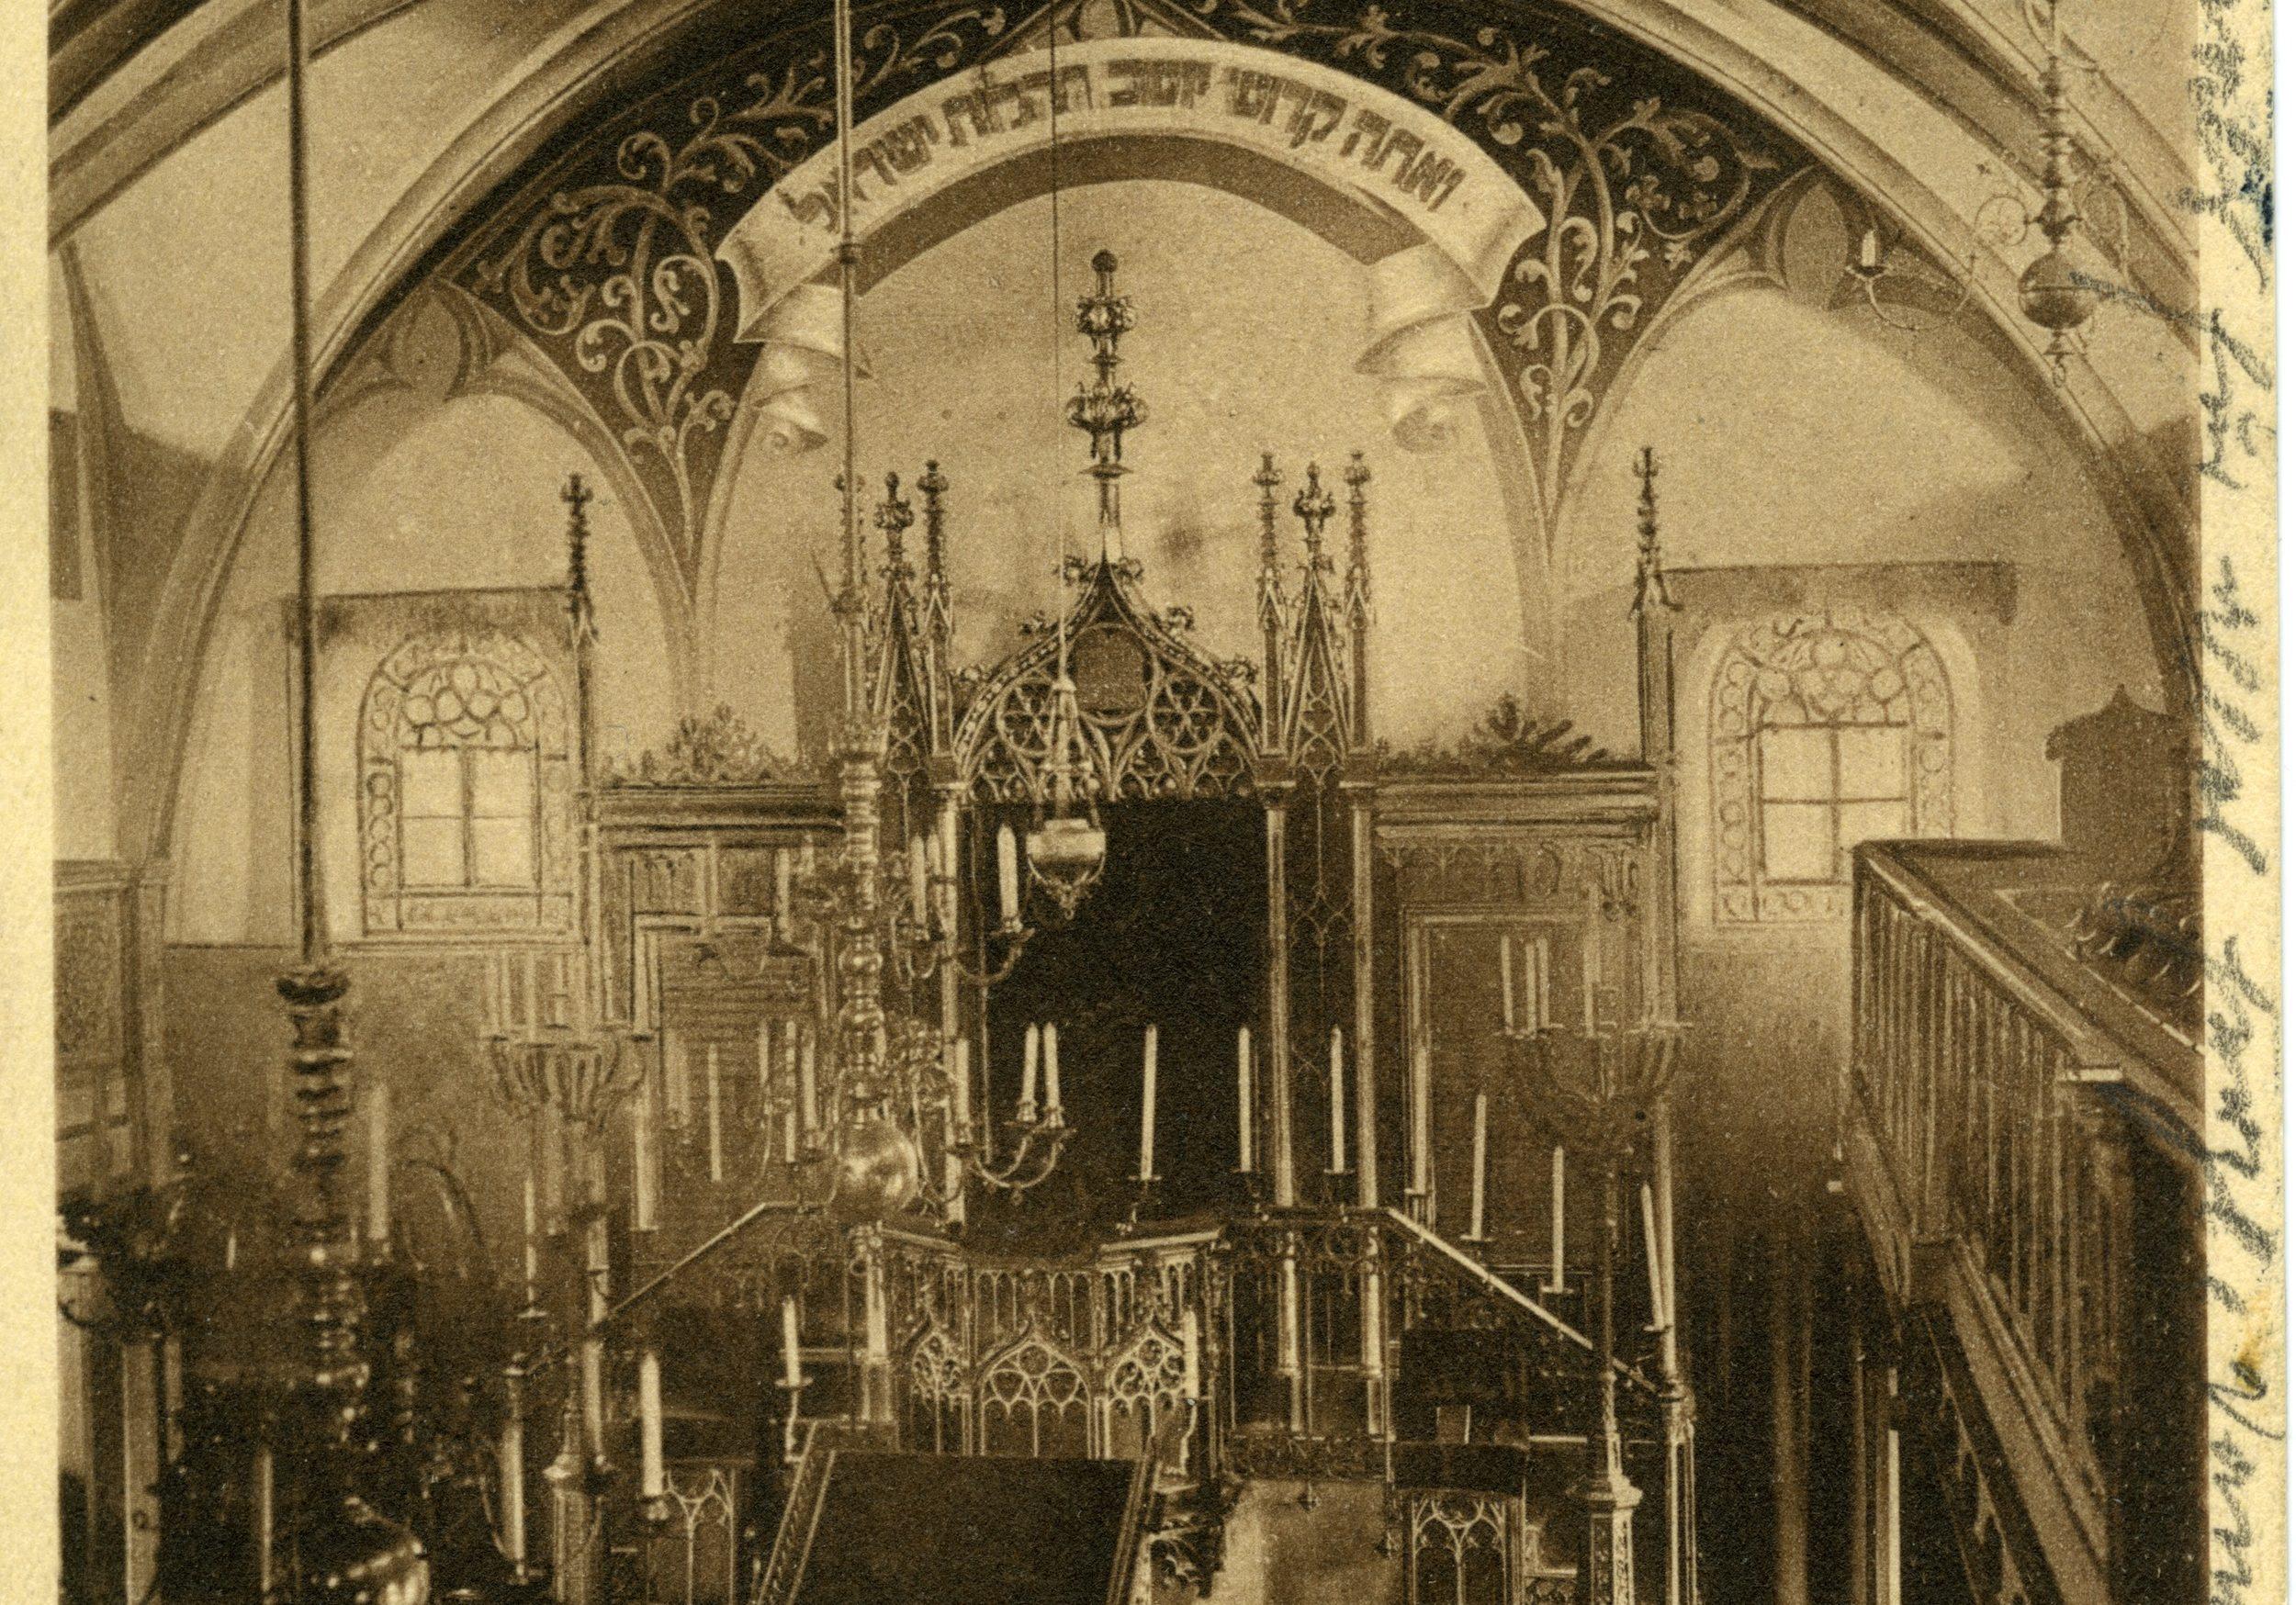 Innenaufnahme der 1938 zerstörten Altschul, der Hauptsynagoge Fürths.